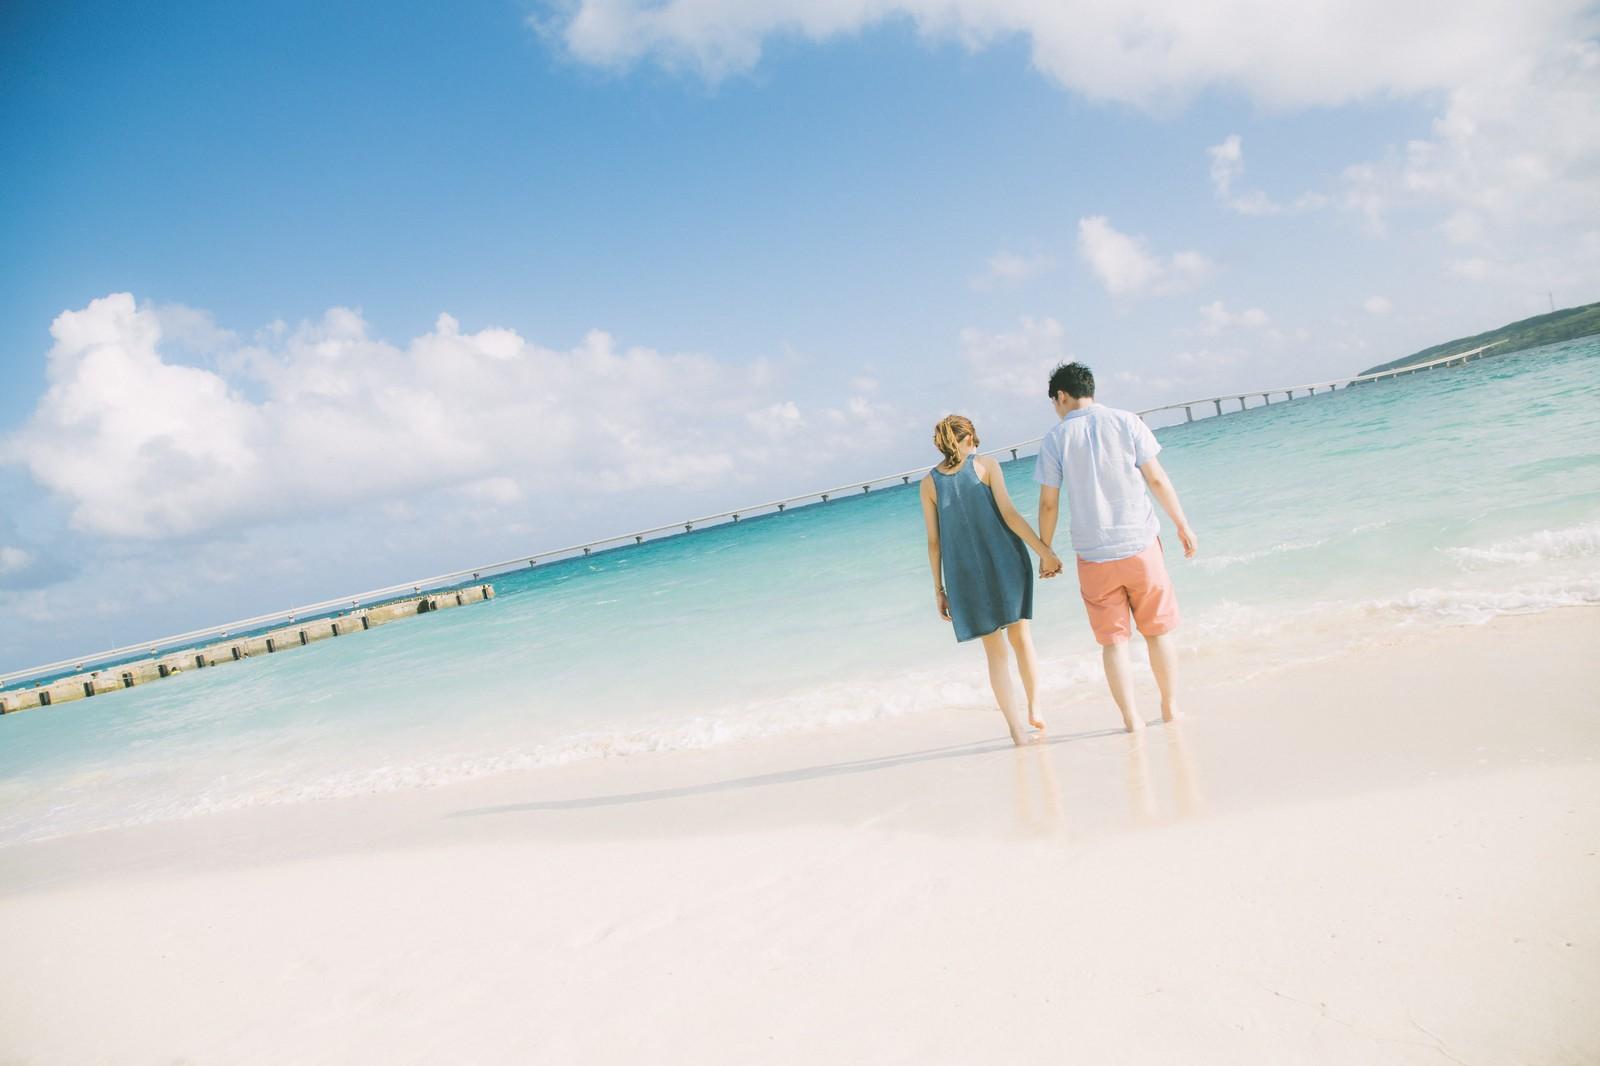 新婚旅行はリゾート派のカップル必見!おすすめリゾート5選